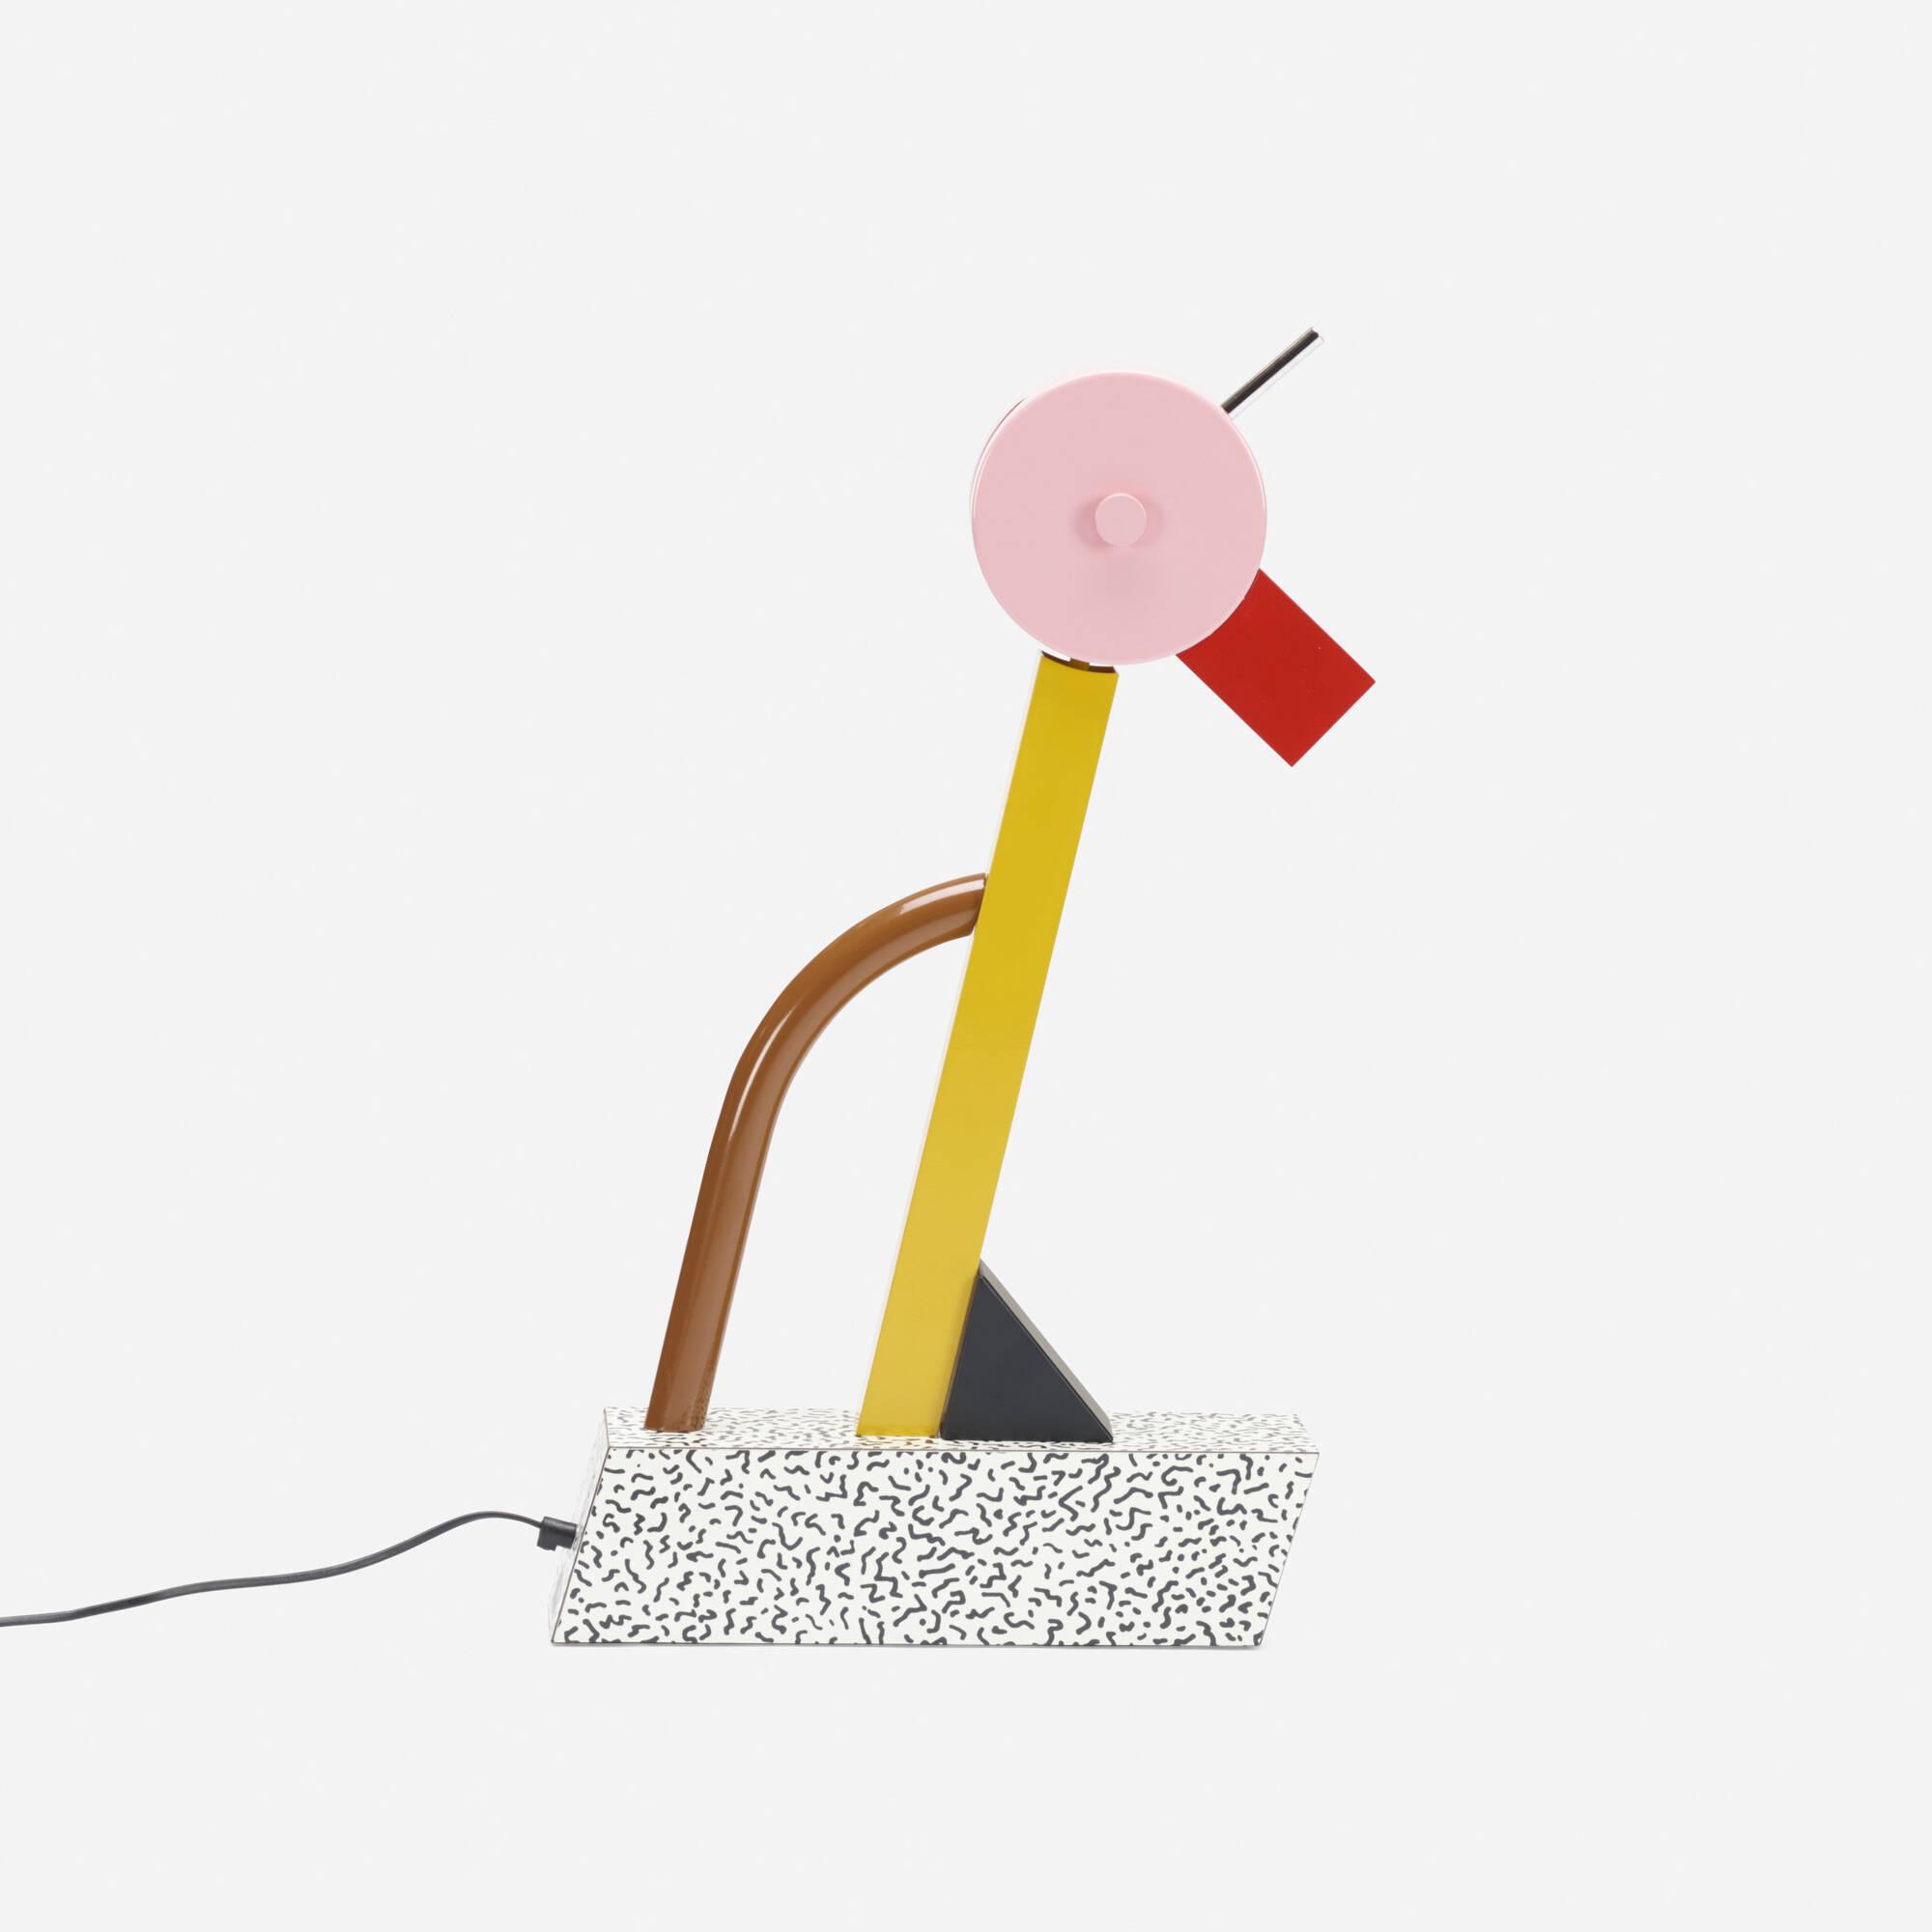 396: Ettore Sottsass / Tahiti lamp (1 of 2)